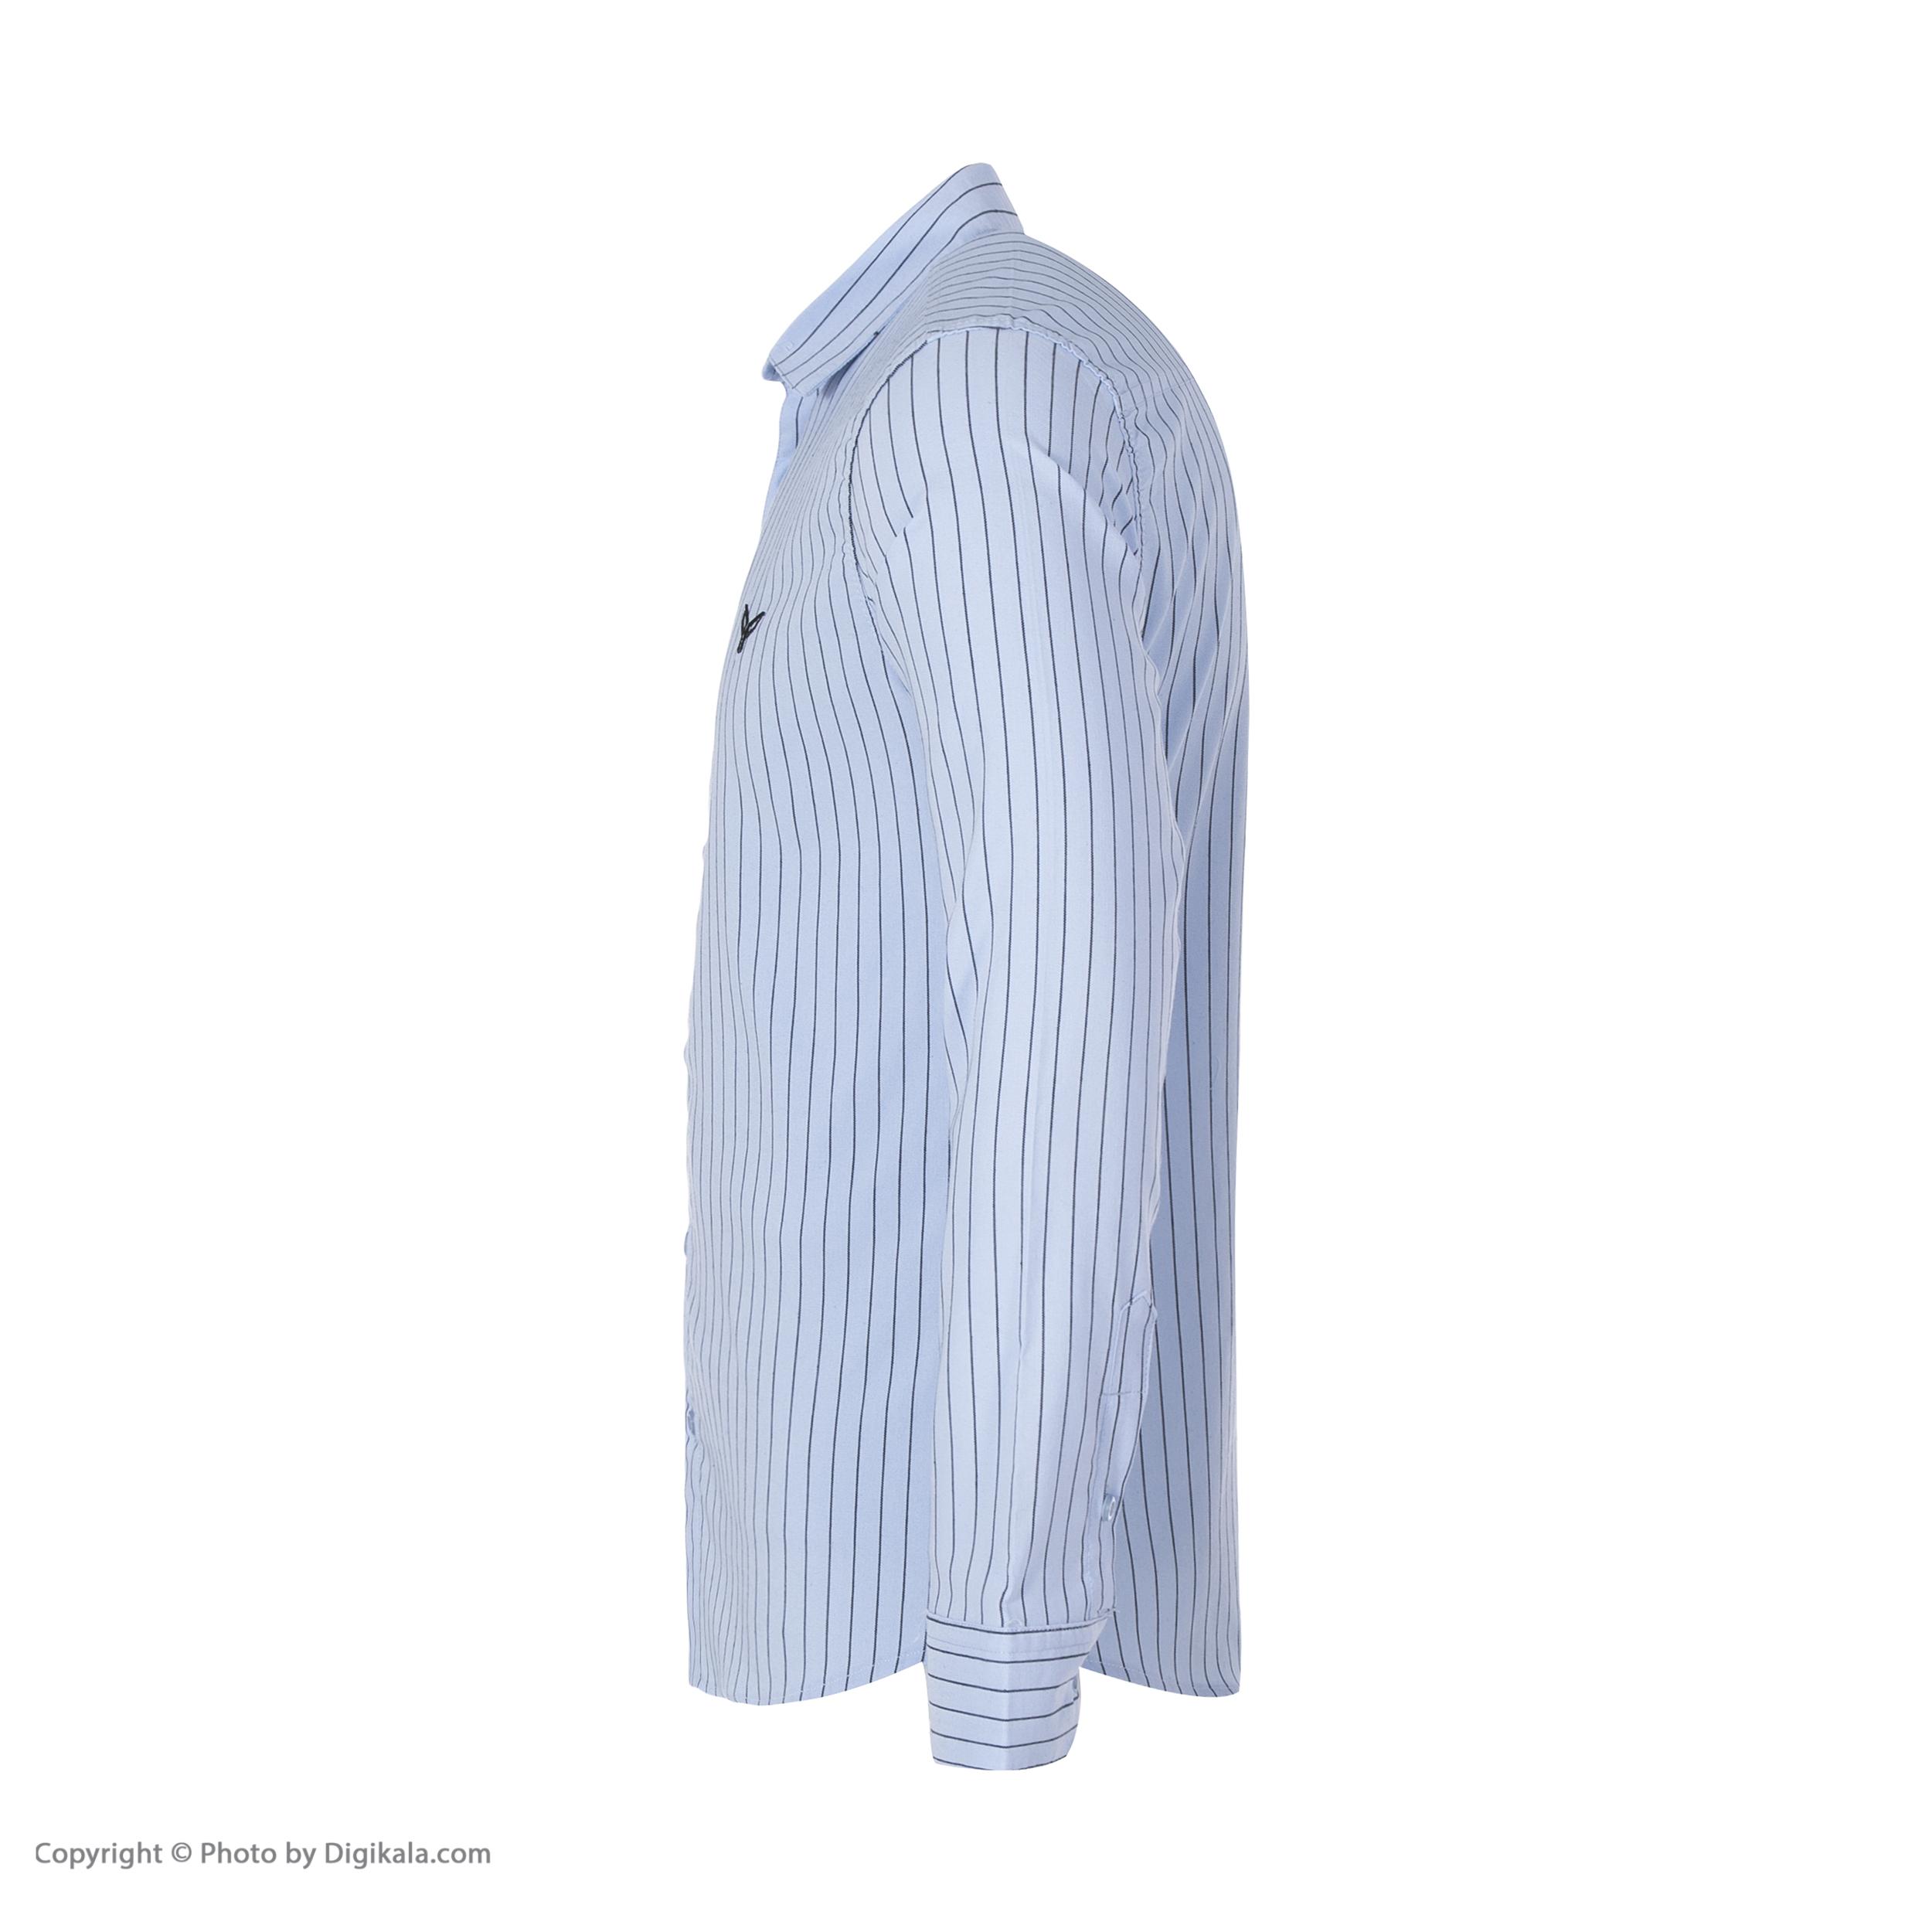 پیراهن مردانه پیکی پوش مدل M02347 main 1 1